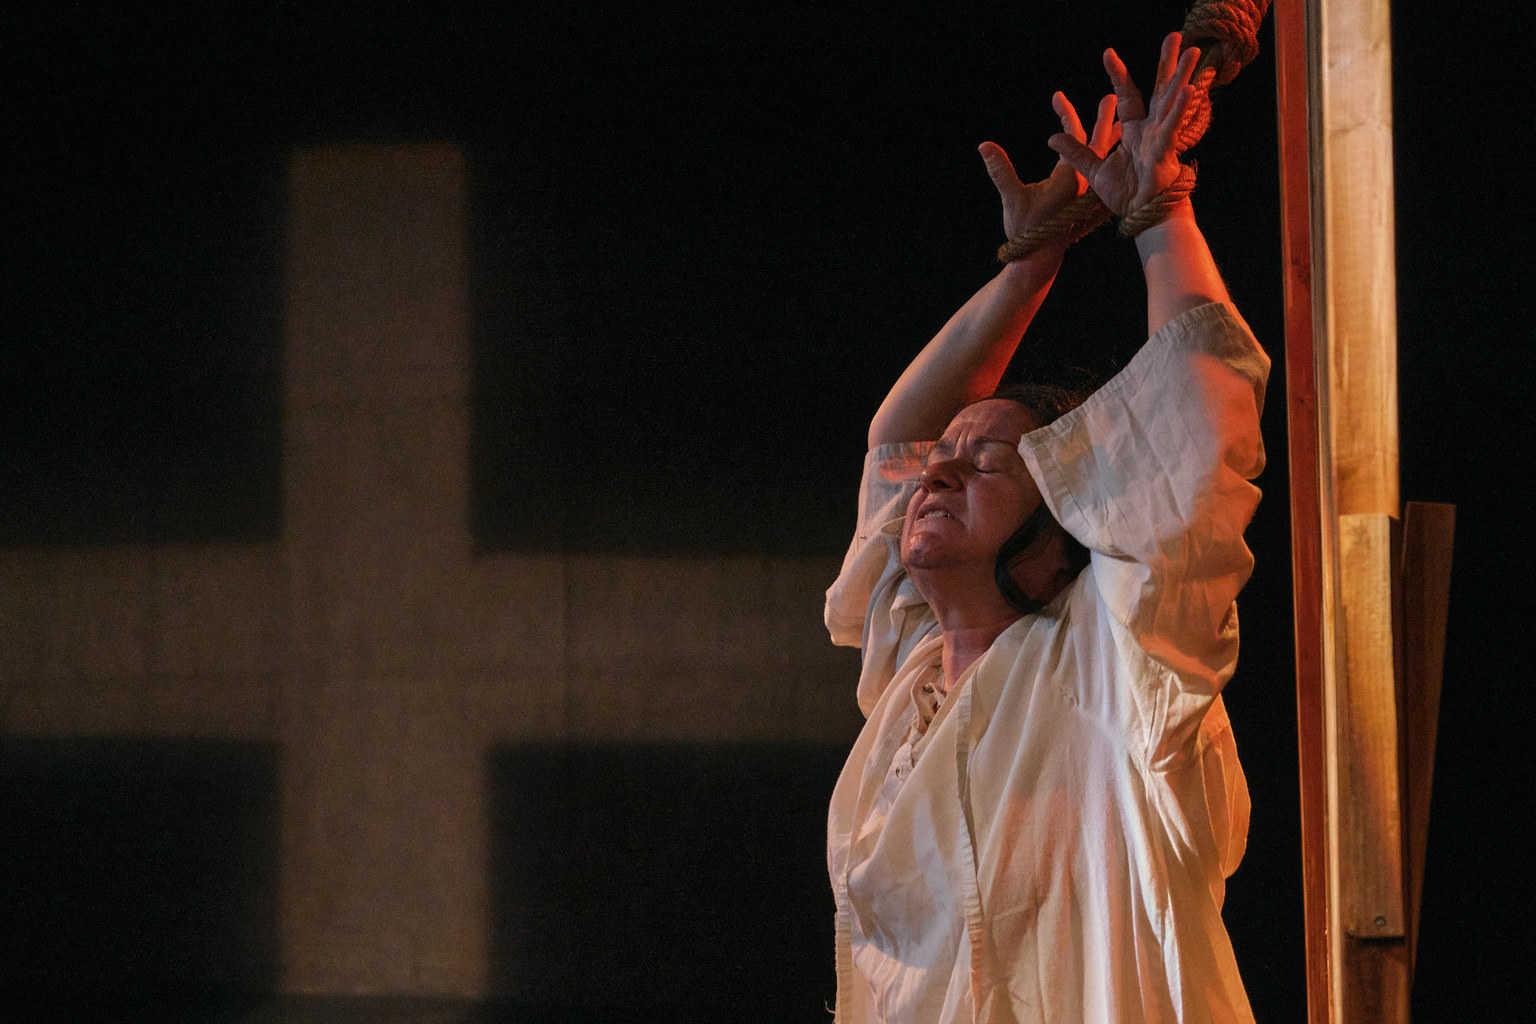 Luiza de Jesus - A Assassina da Roda Artes & contextos DSCF3703 Luiza facebook©Filipe Ferreira